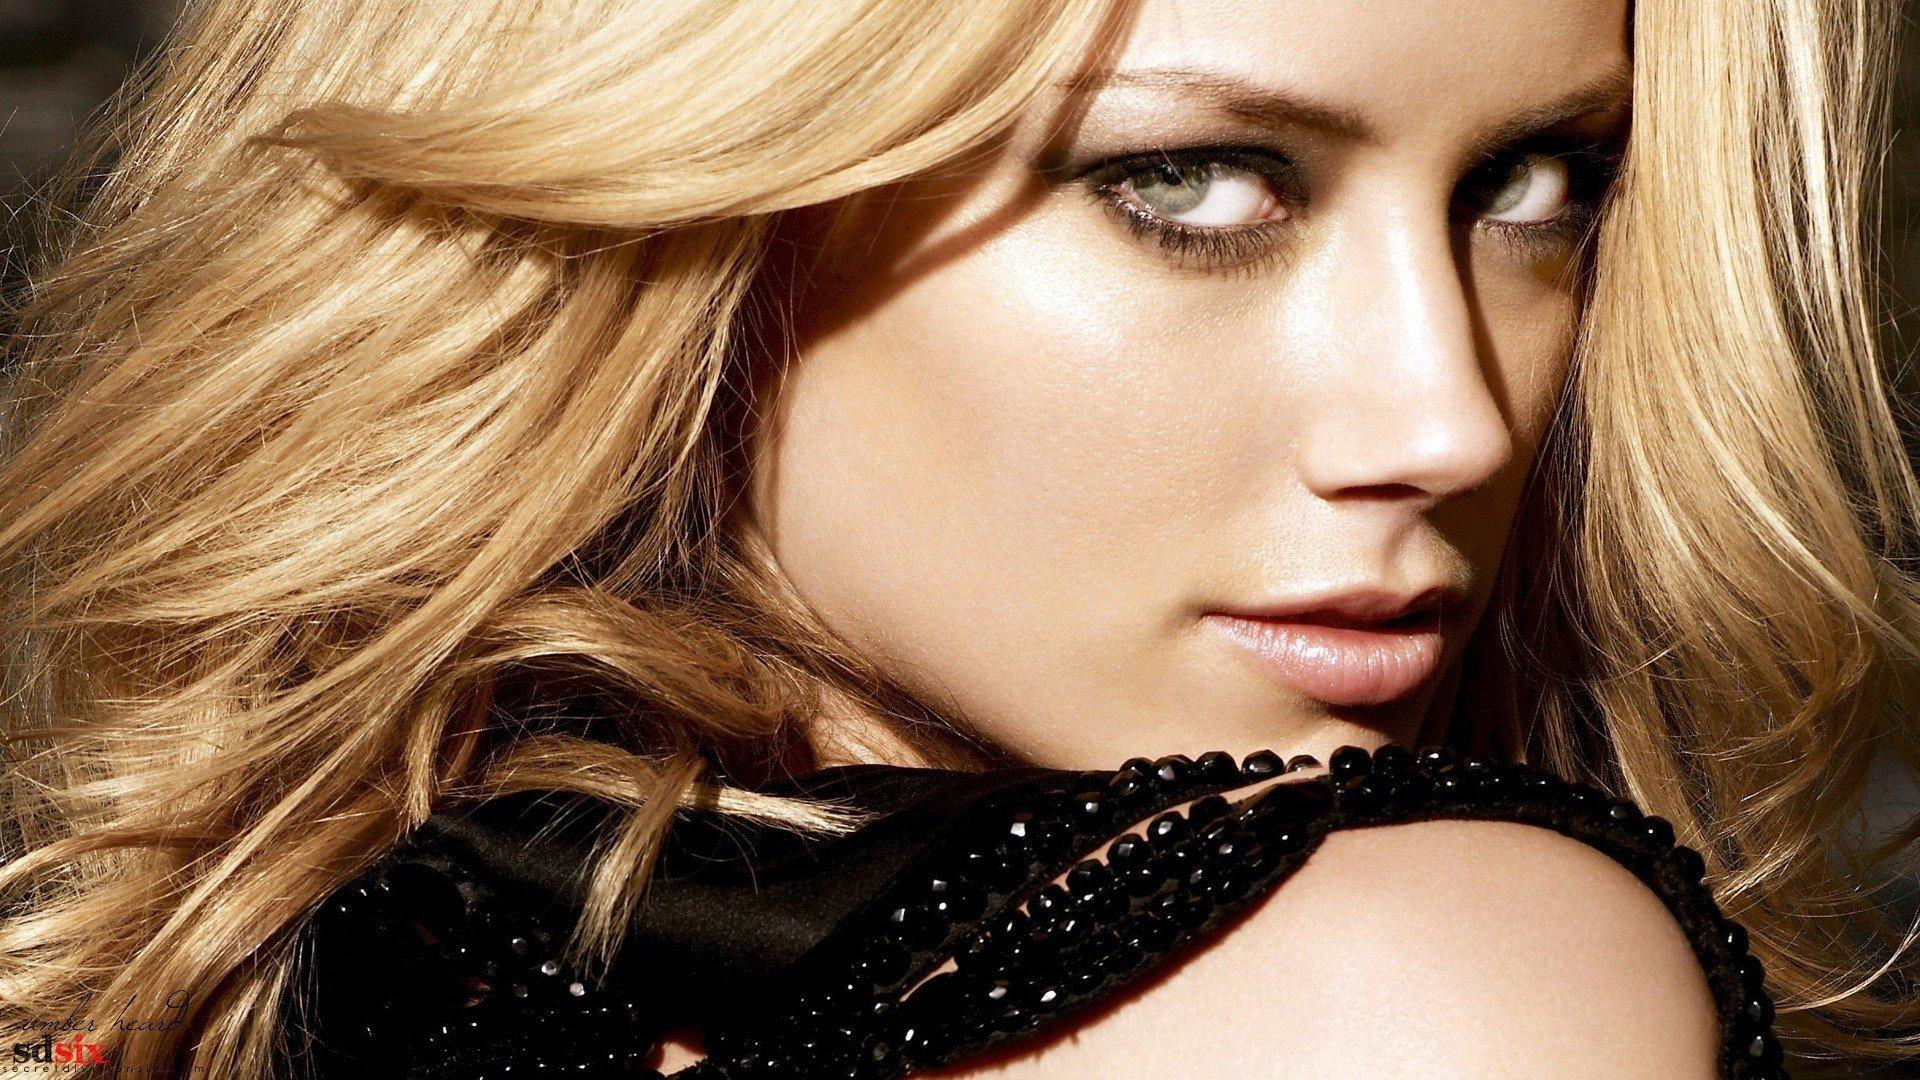 Amber Heard Hd: Celebrity, Women, Model, Amber Heard HD Wallpapers